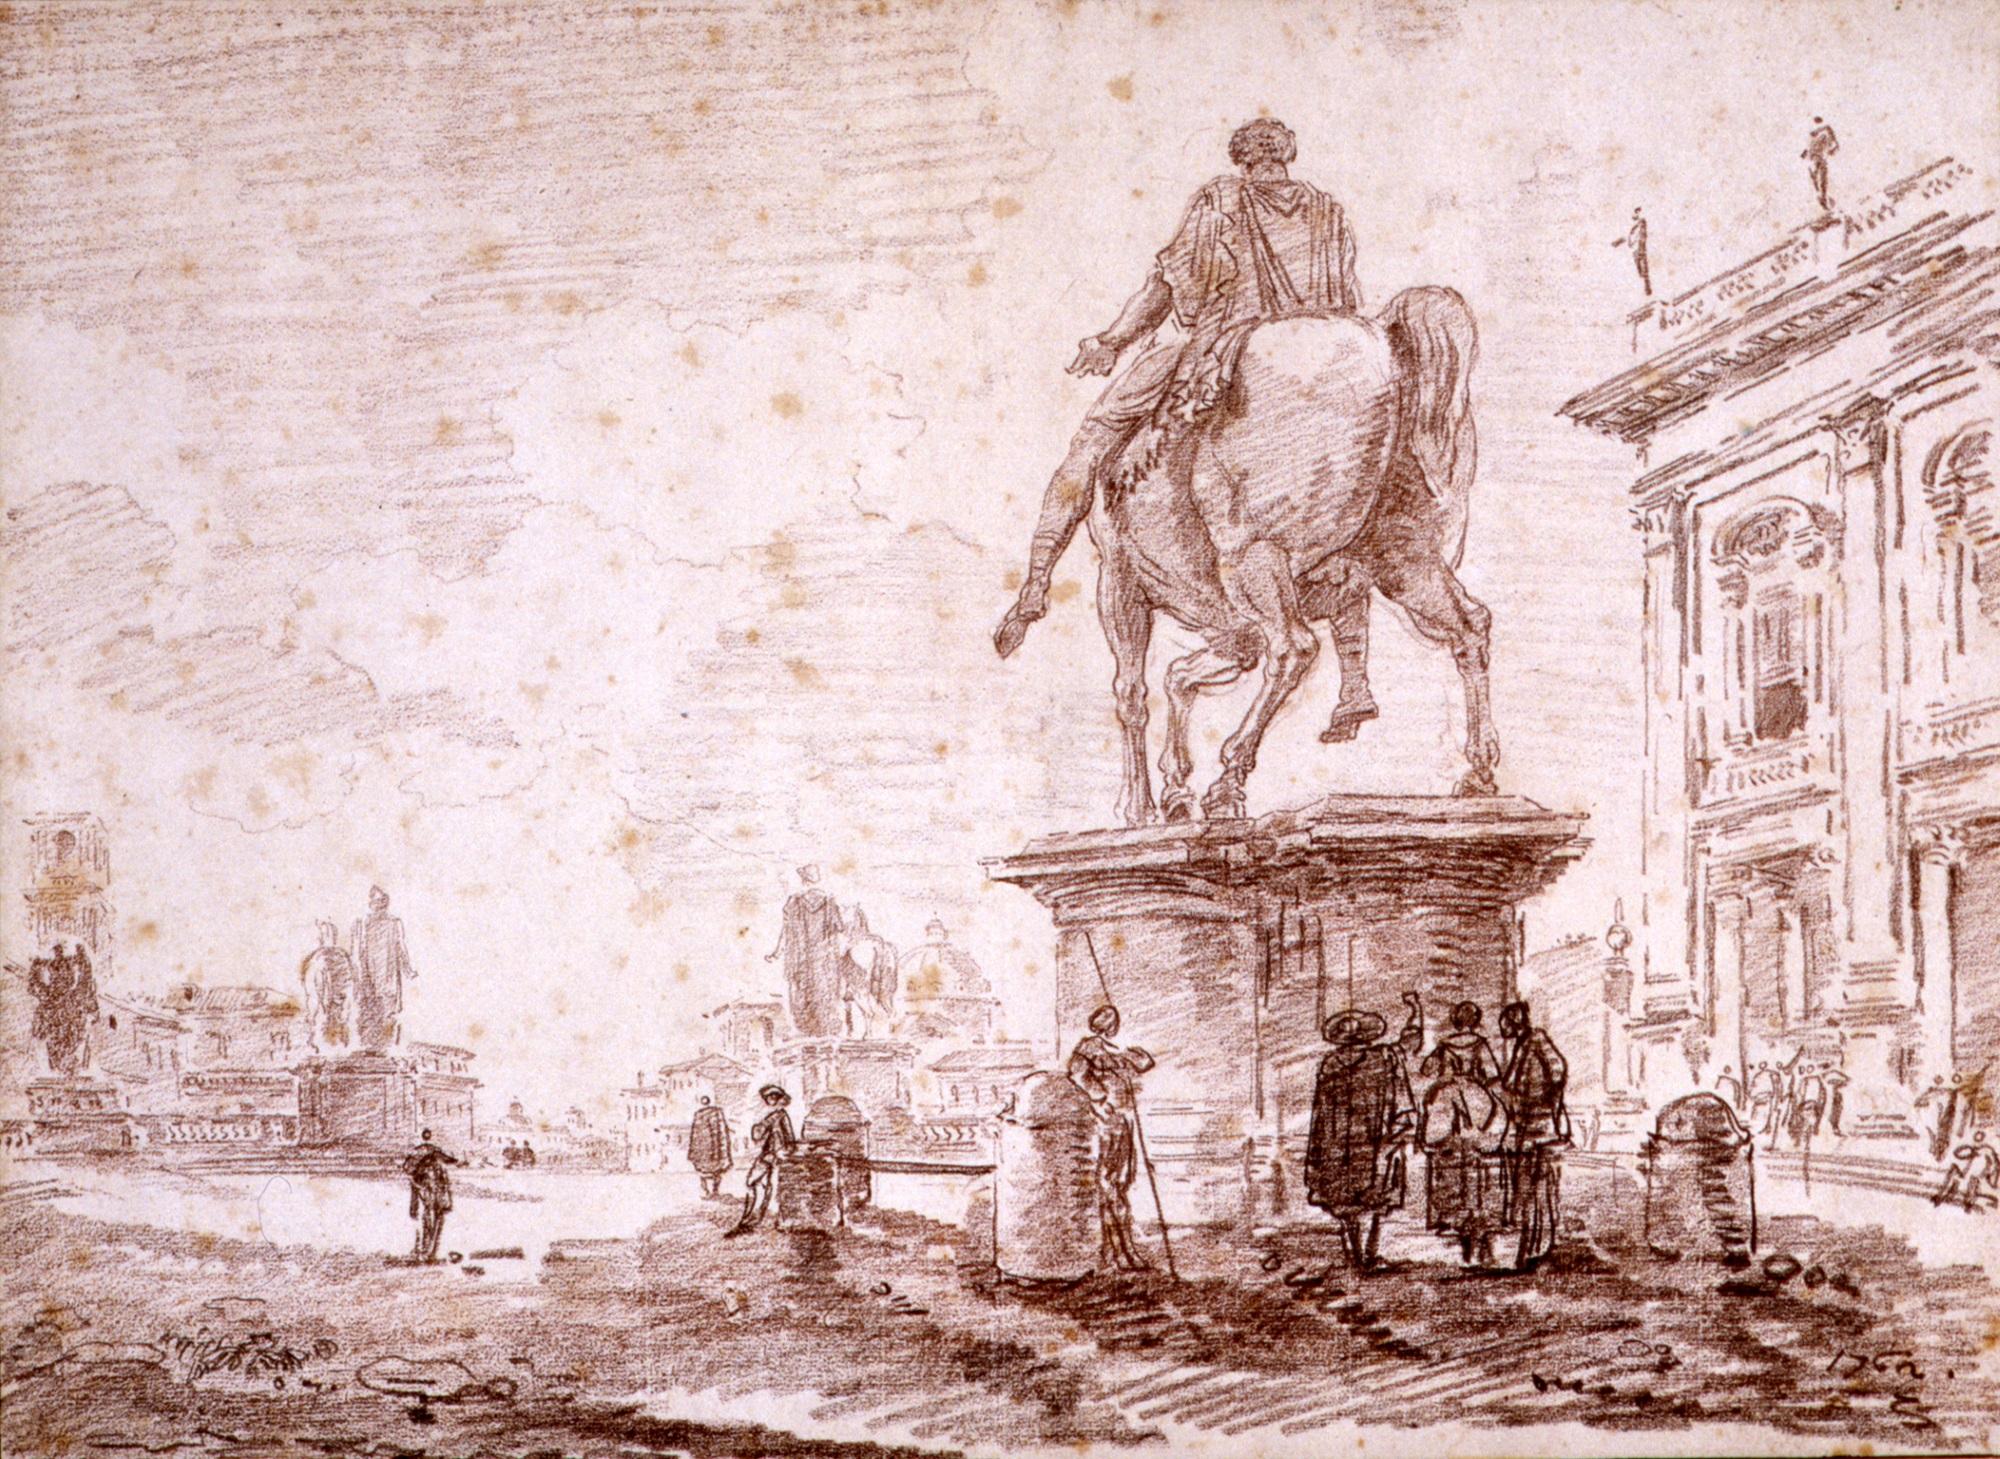 Hubert Robert, Piazza del Campidoglio